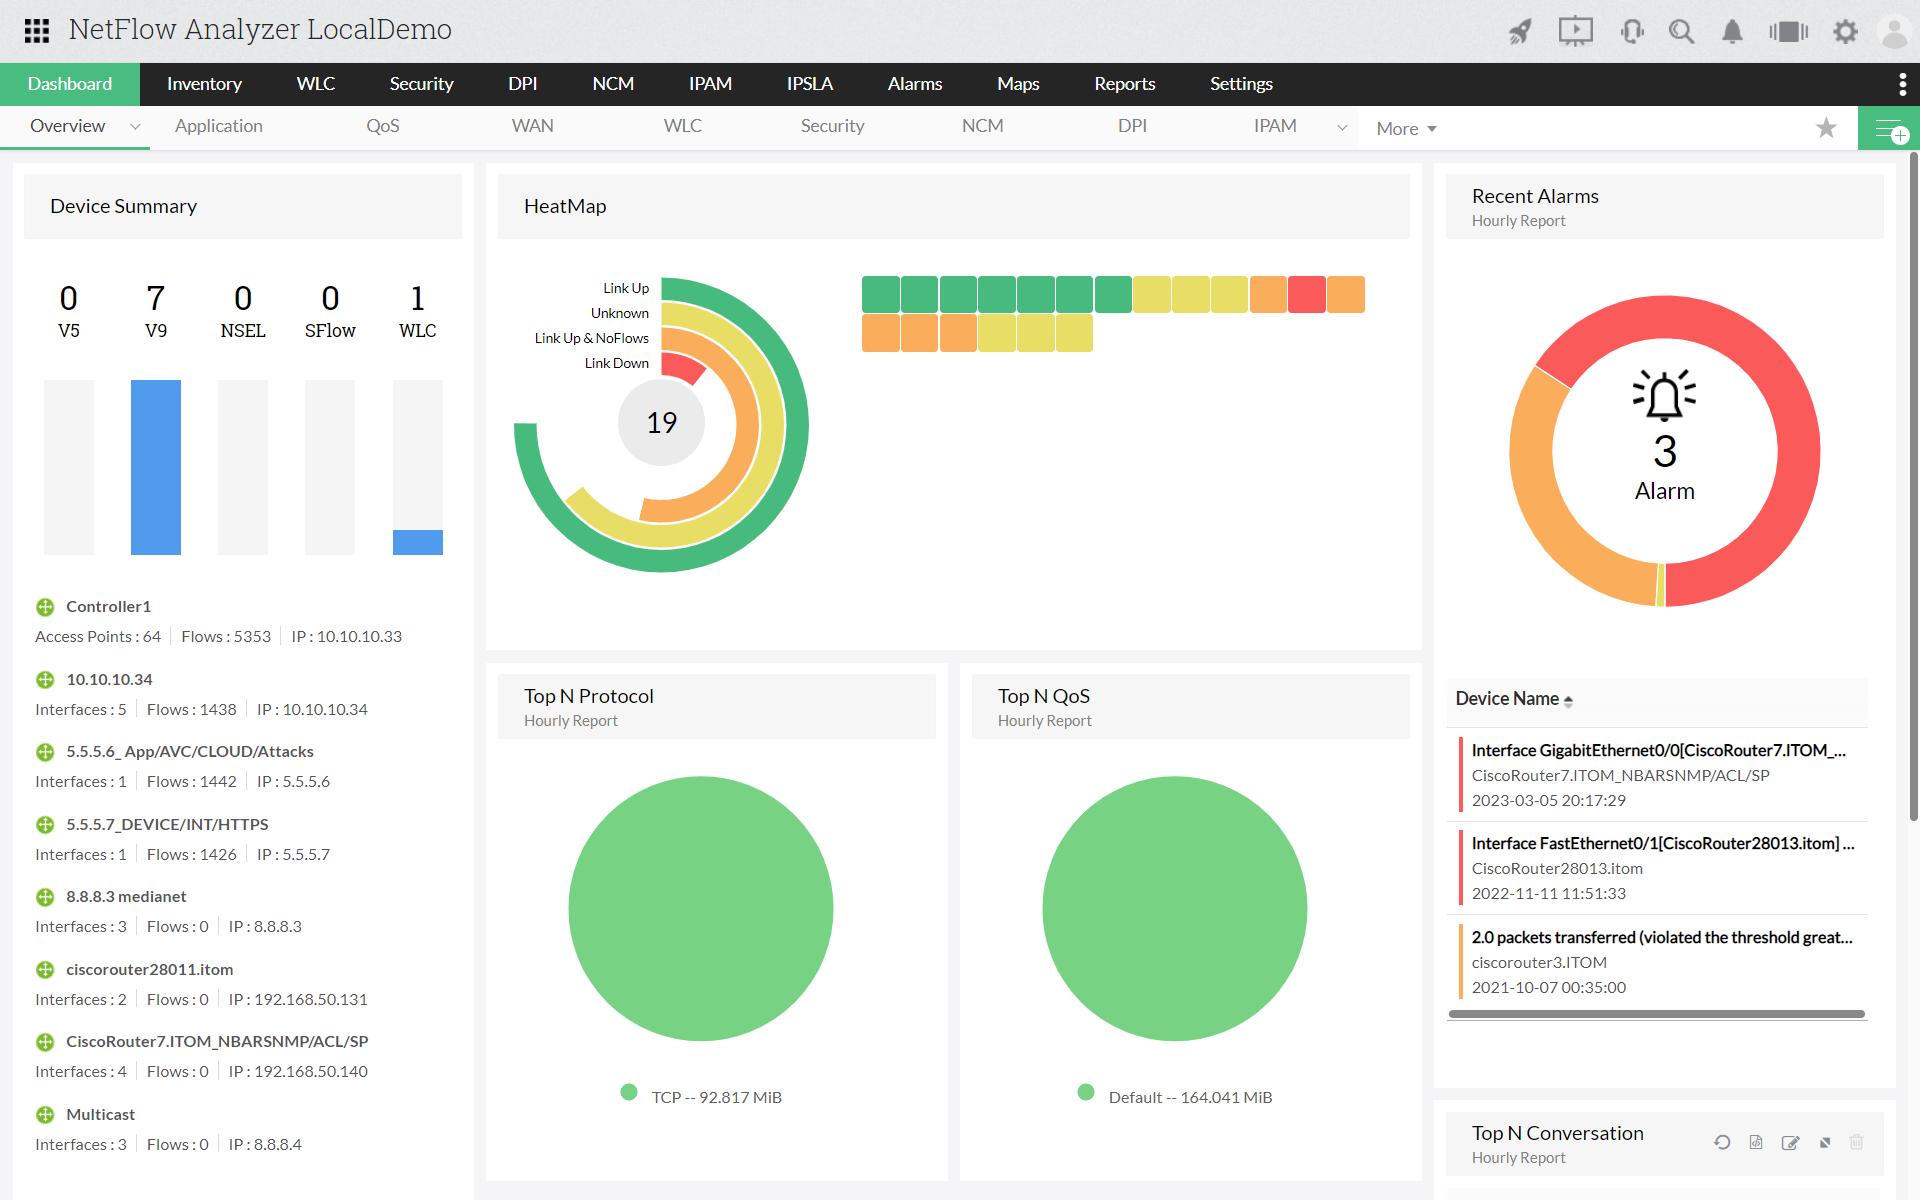 Bandwidth Utilization - ManageEngine NetFlow Analyzer